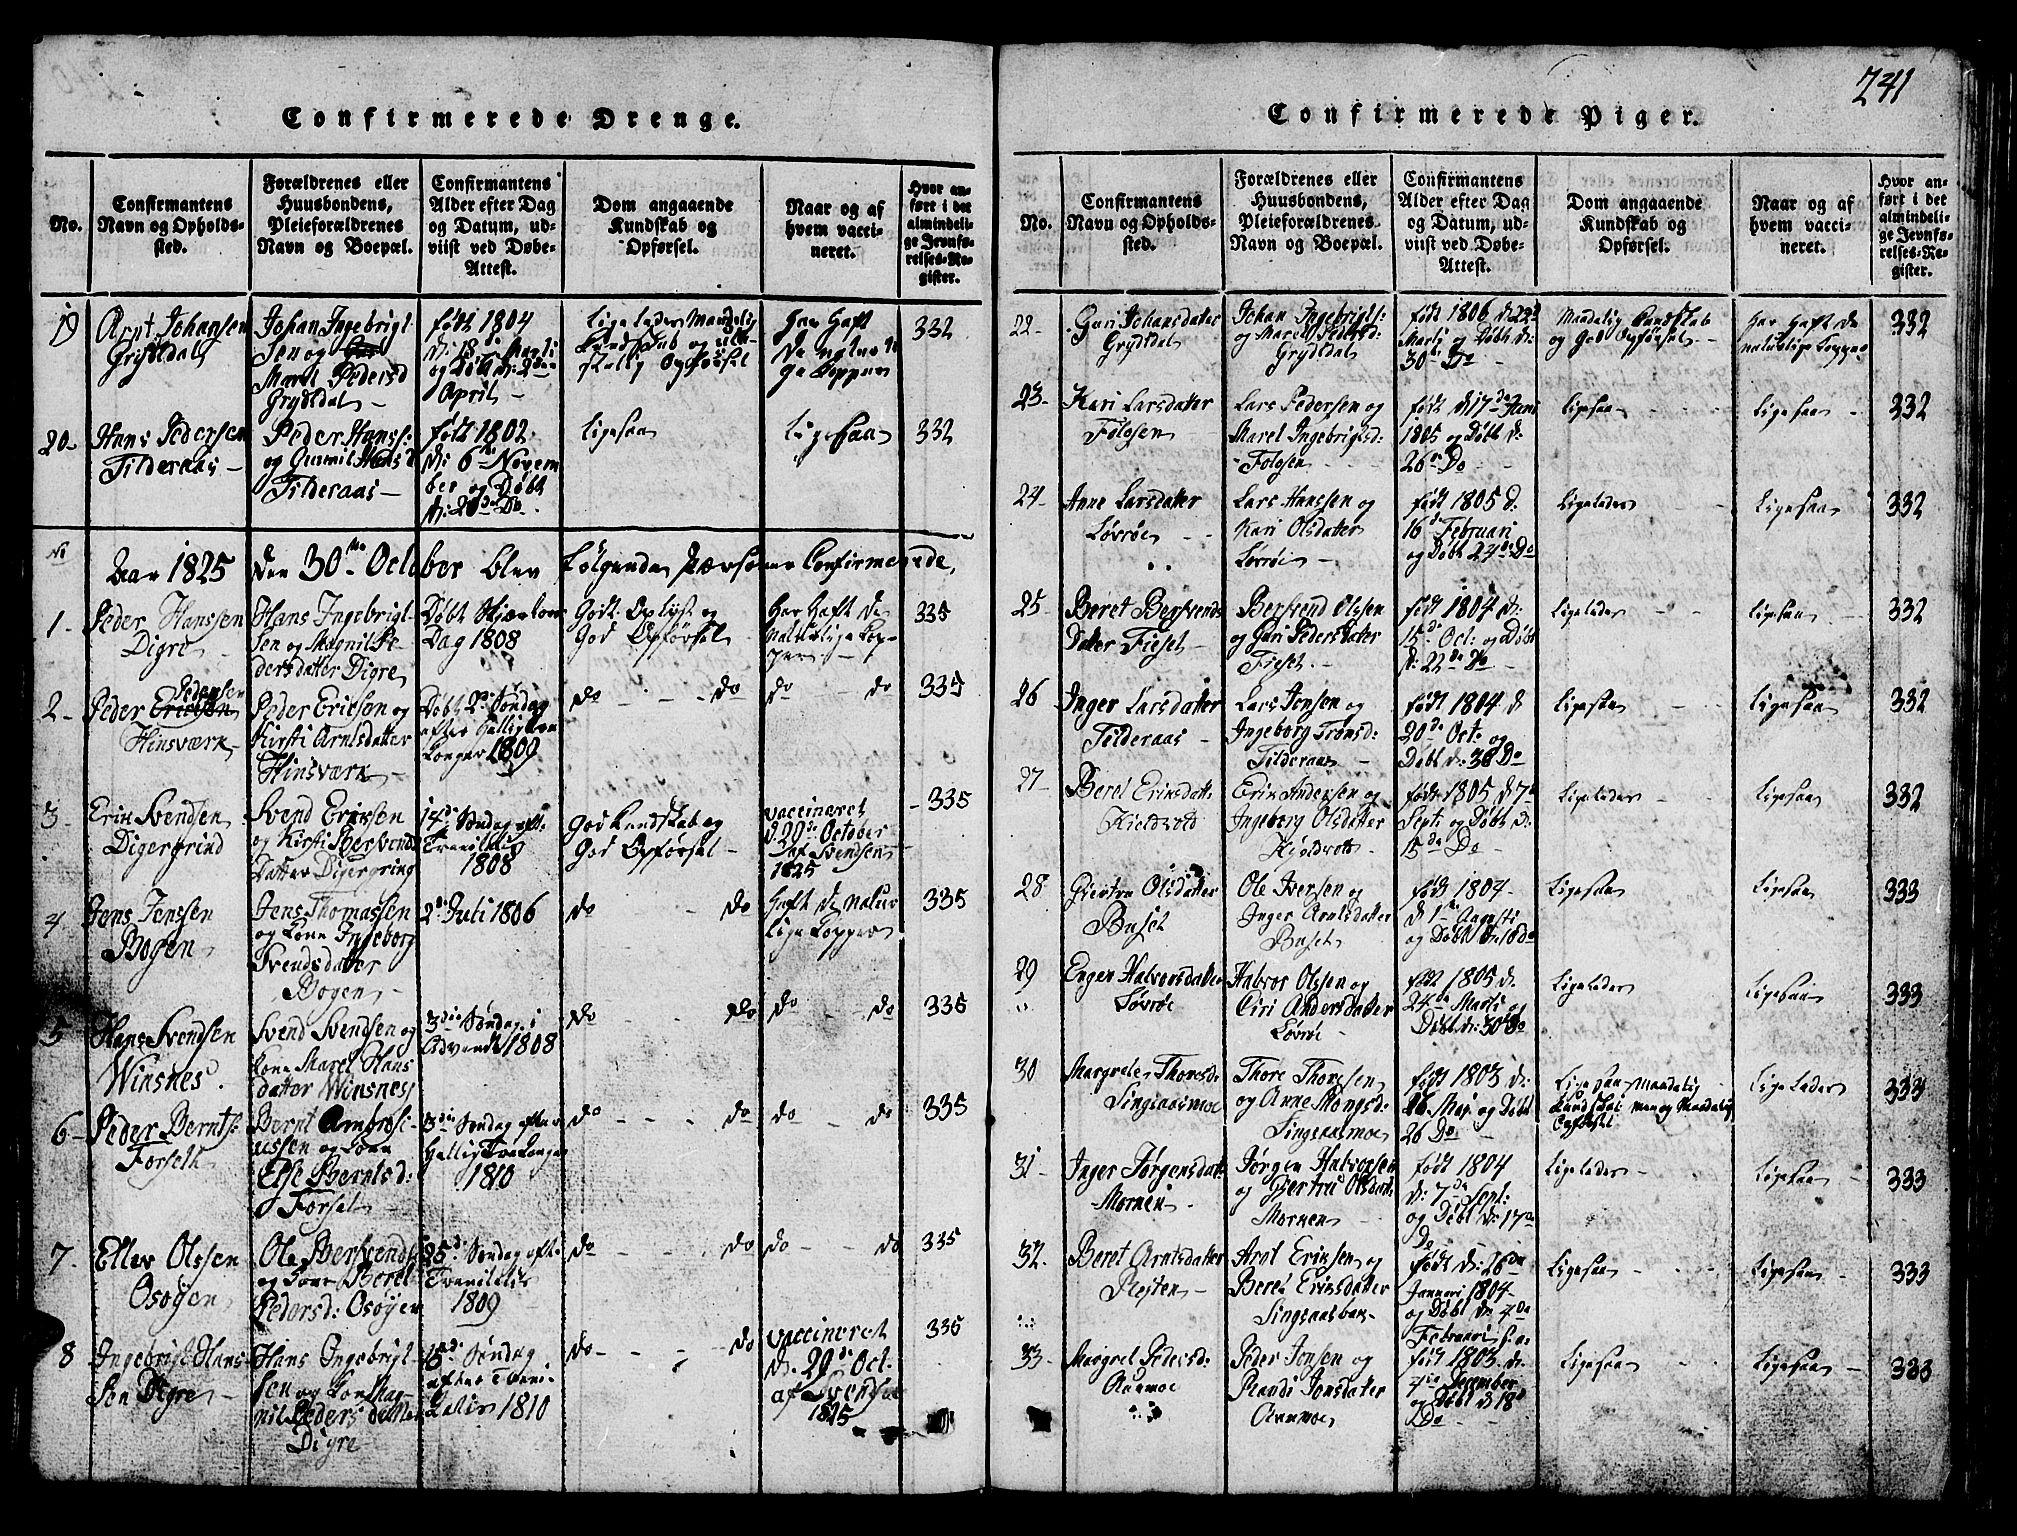 SAT, Ministerialprotokoller, klokkerbøker og fødselsregistre - Sør-Trøndelag, 688/L1026: Klokkerbok nr. 688C01, 1817-1860, s. 241